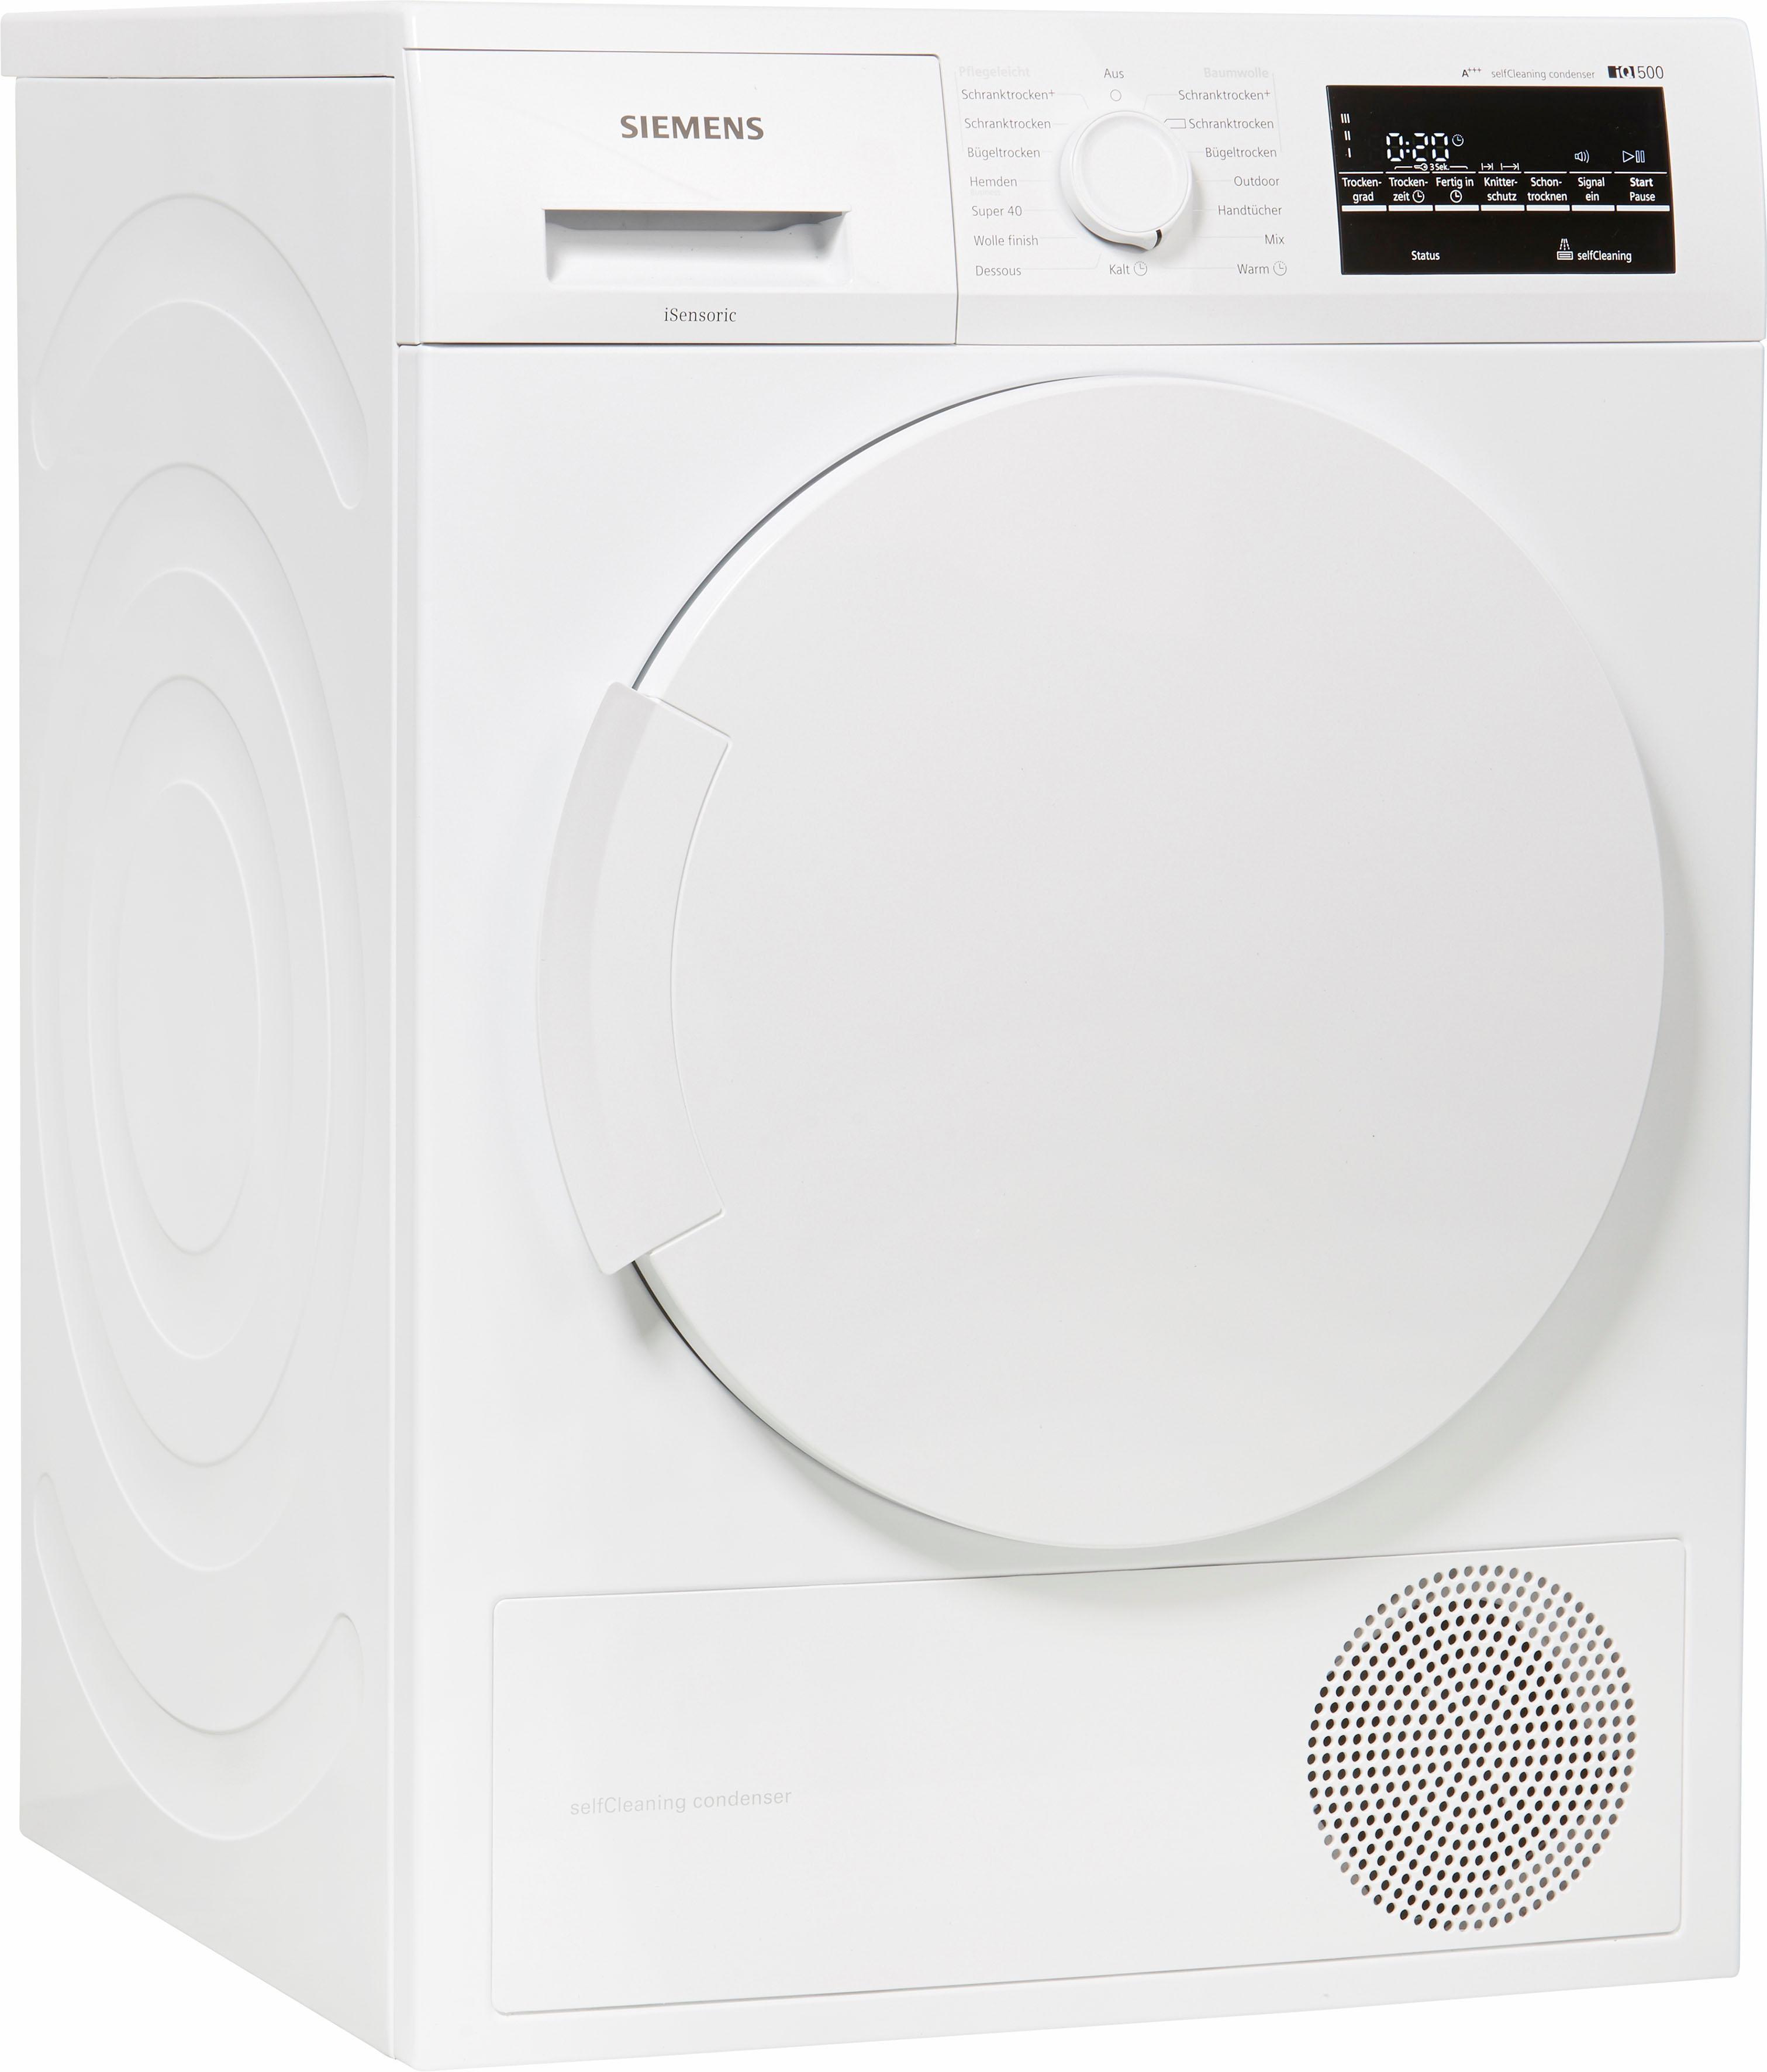 SIEMENS Wärmepumpentrockner WT45W463, 7 kg | Bad > Waschmaschinen und Trockner > Wärmepumpentrockner | Weiß | SIEMENS